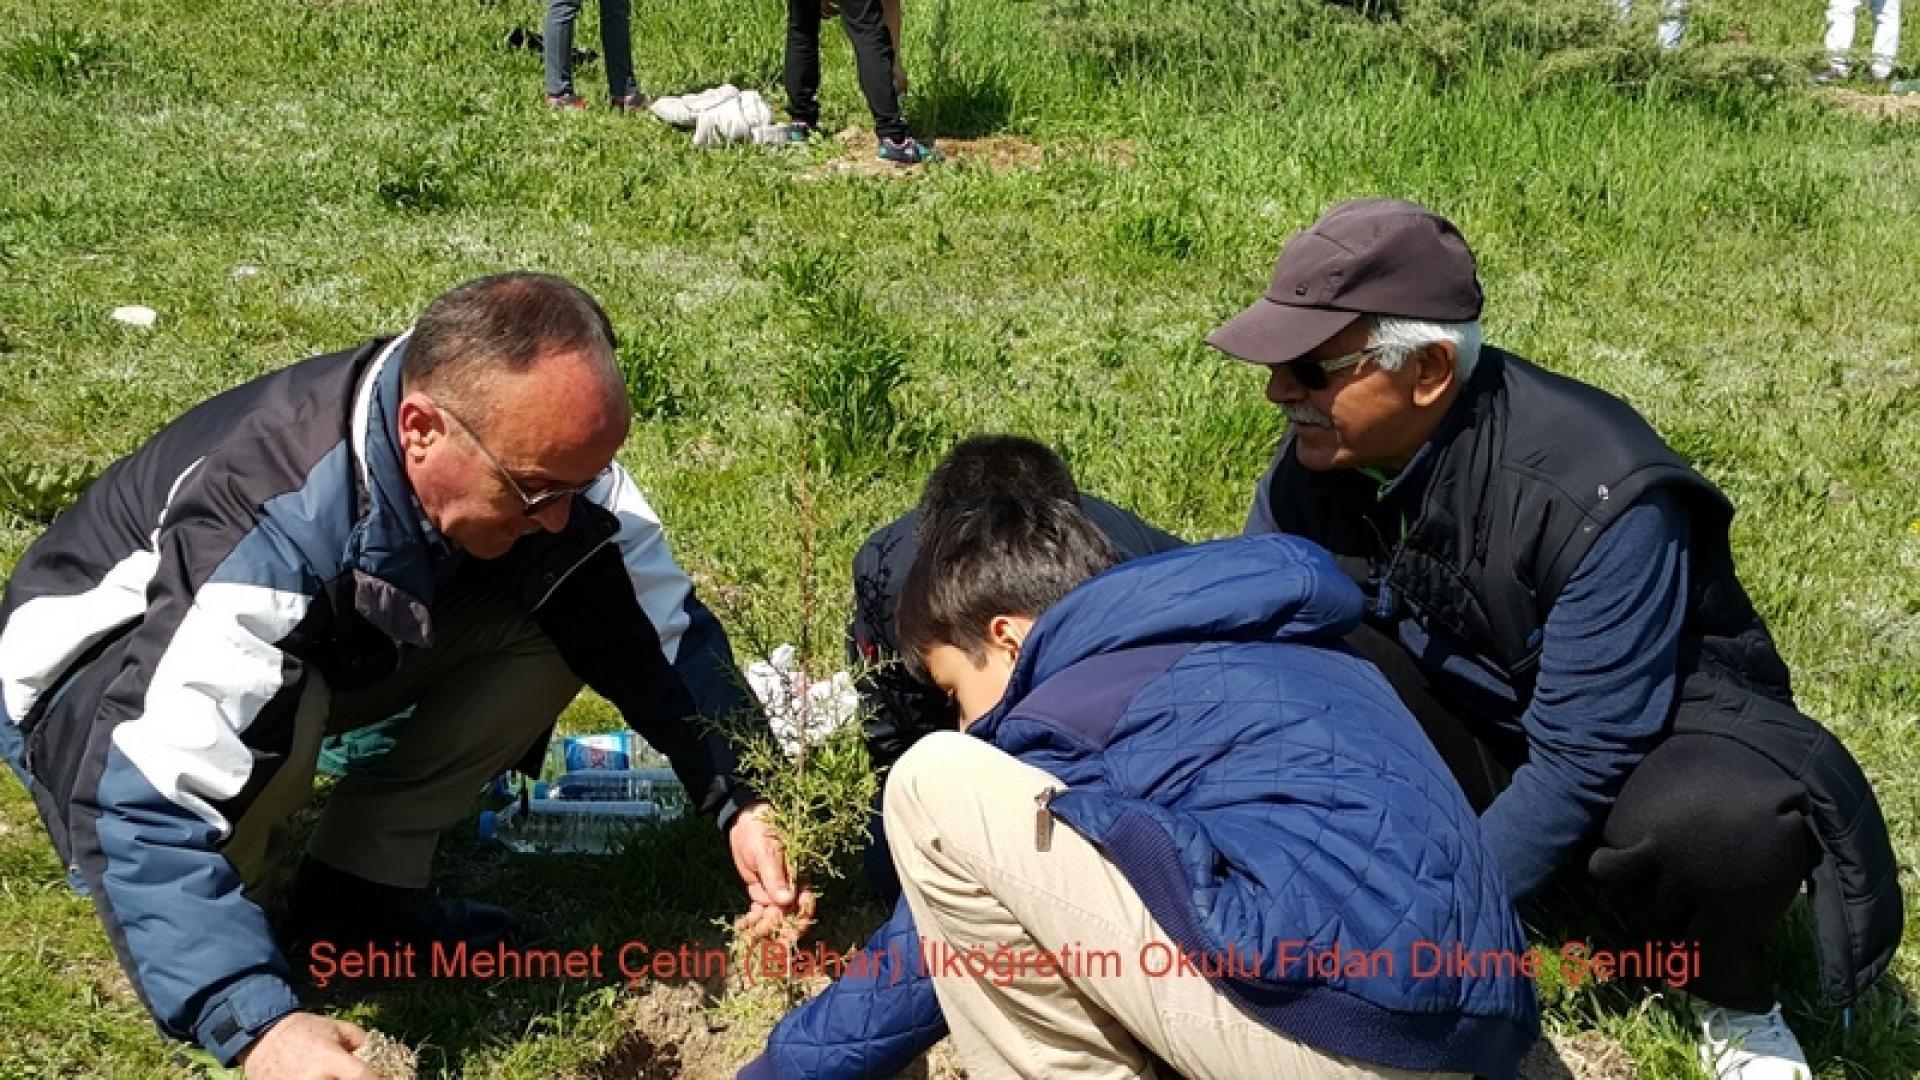 Şehit Mehmet Çetin İlkokulu Ağaç Dikme Şenliği 1523000132 692